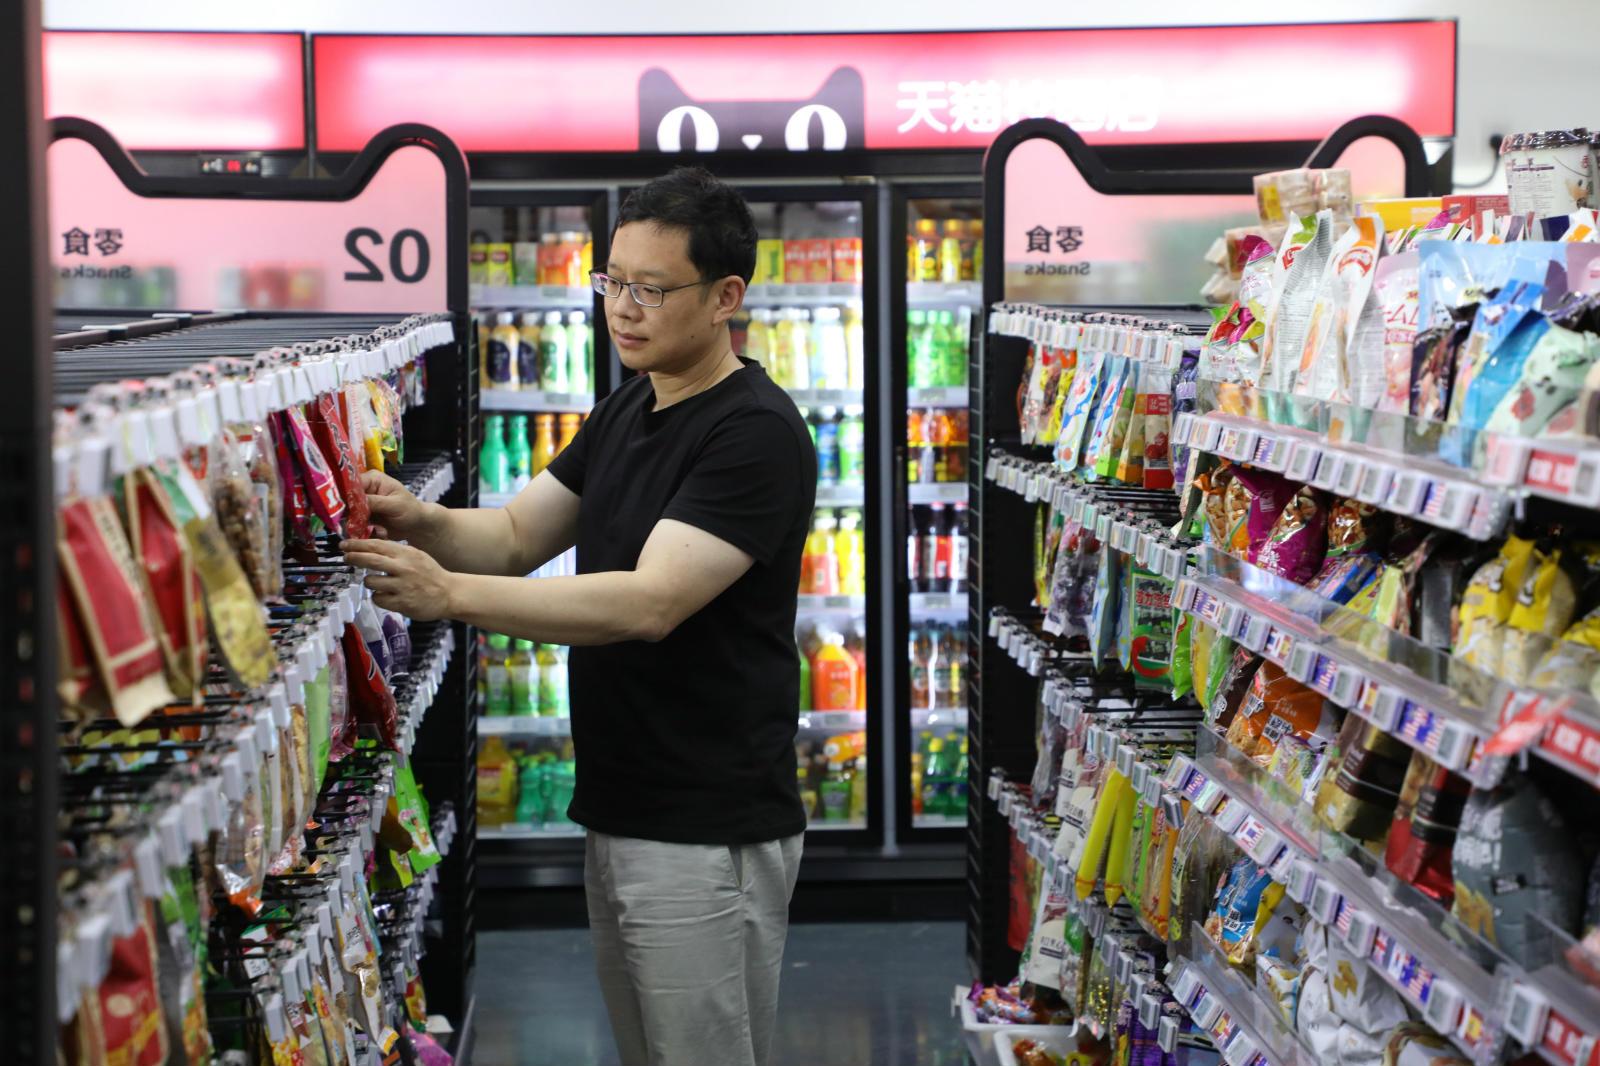 天猫校园店老板陈俊儒正在整理货架_meitu_7